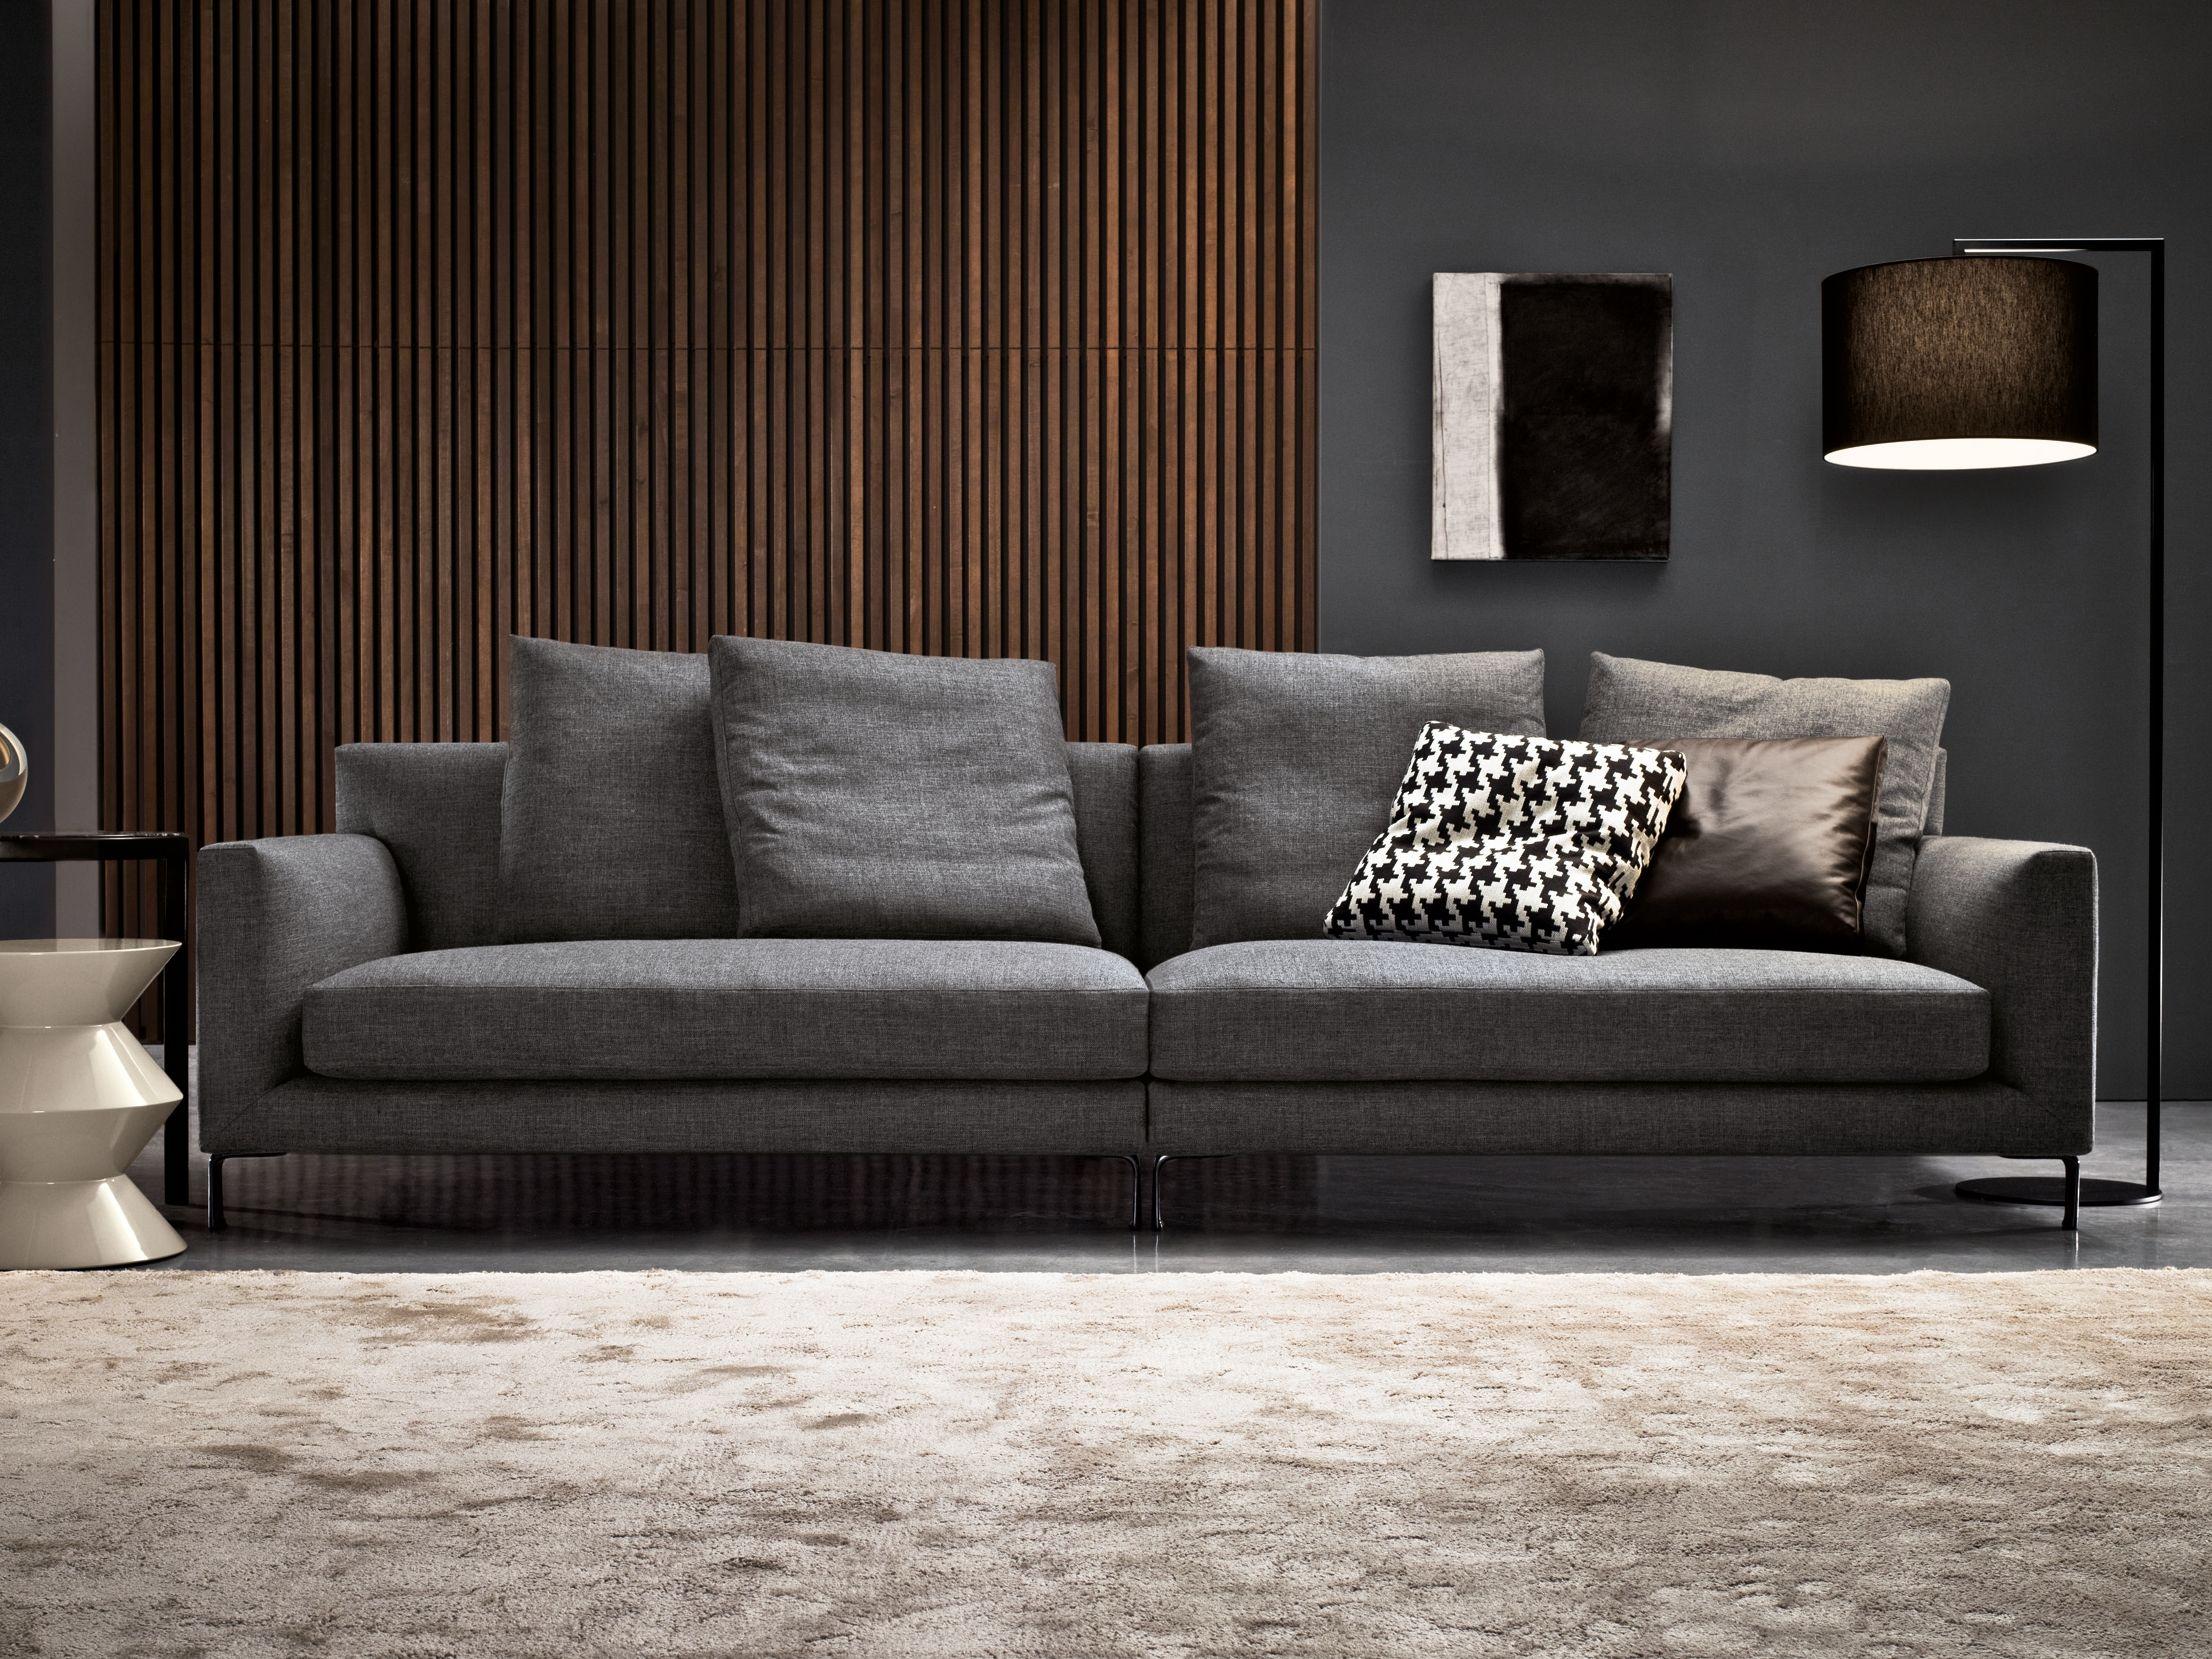 Minotti sofa google search architecture and interior design